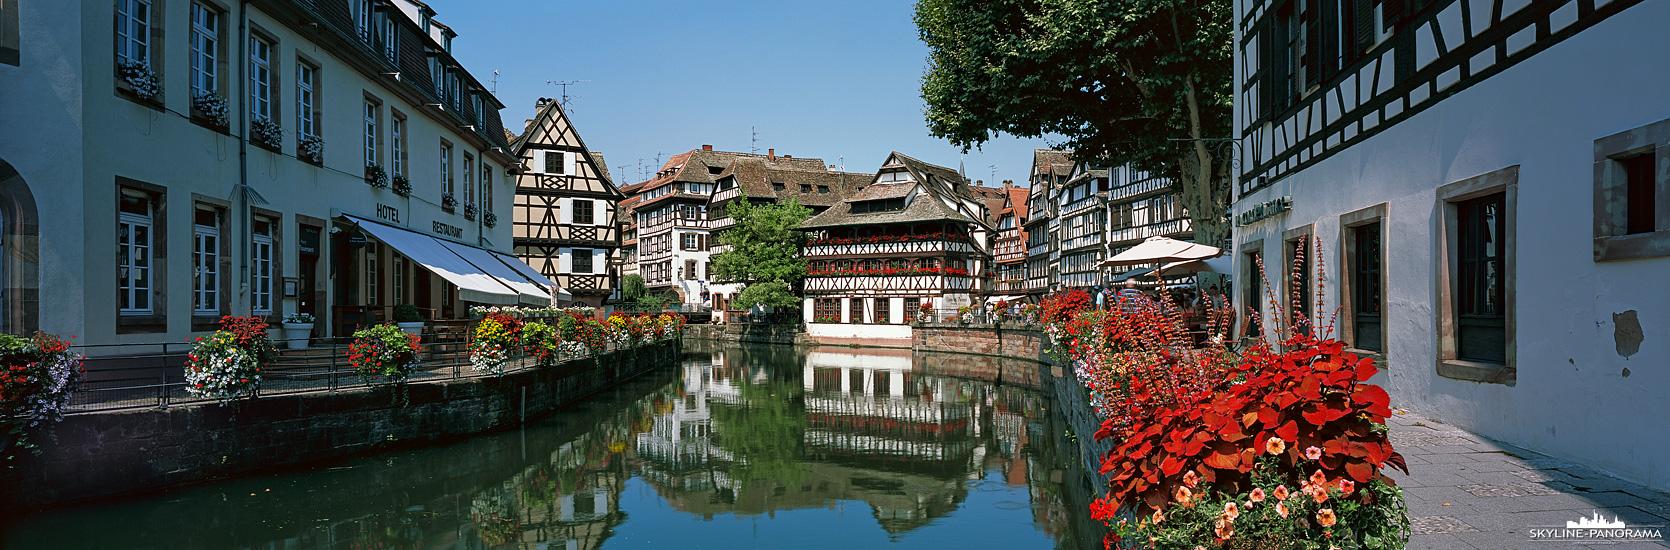 La Petite France (Klein-Frankreich) zählt zu den Sehenswürdigkeiten von Straßburg und ist ein malerisches Viertel in der Altstadt, zahlreiche Gassen mit Fachwerkhäusern entlang der Ill-Kanäle laden Touristen und Einheimische zum Flanieren ein.